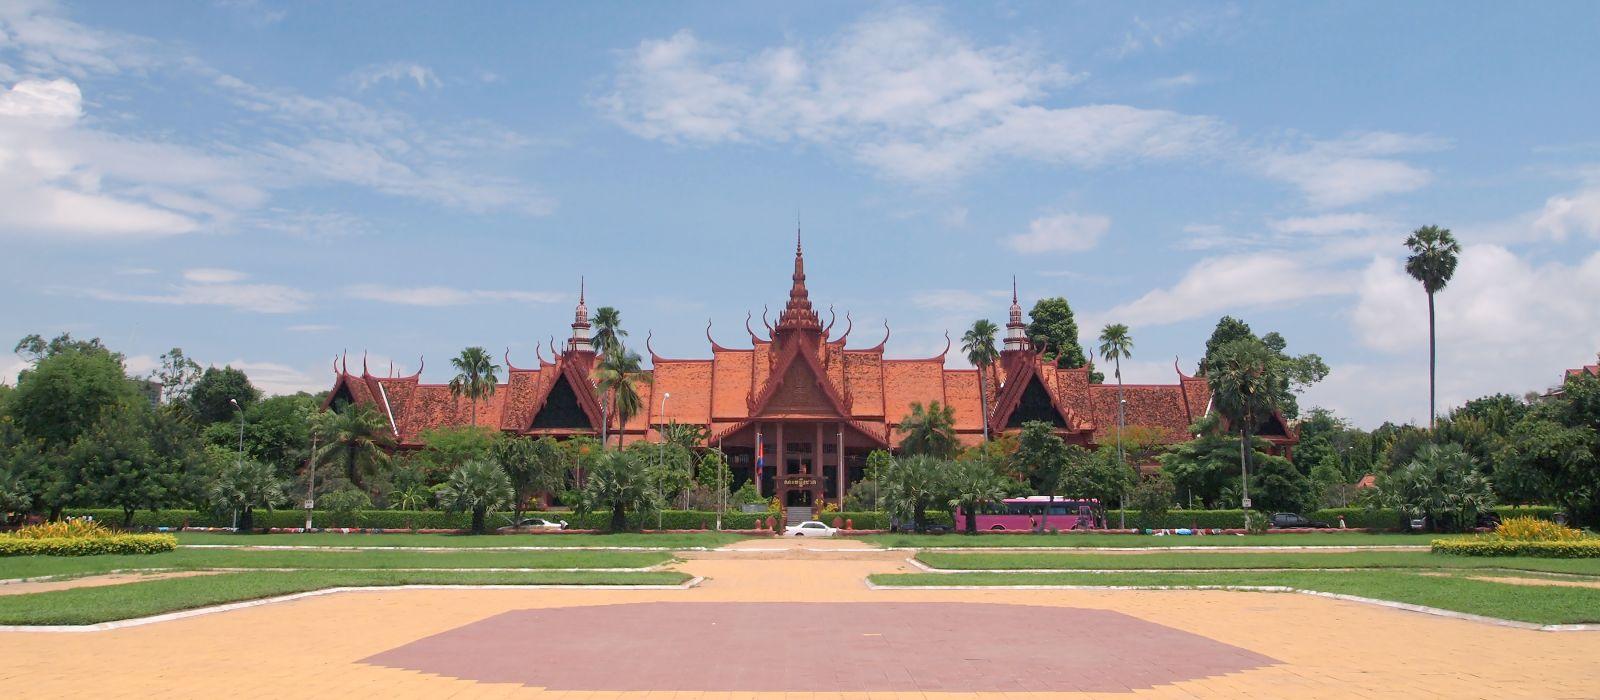 Phnom Penh National Museum - Cambodia, Asia